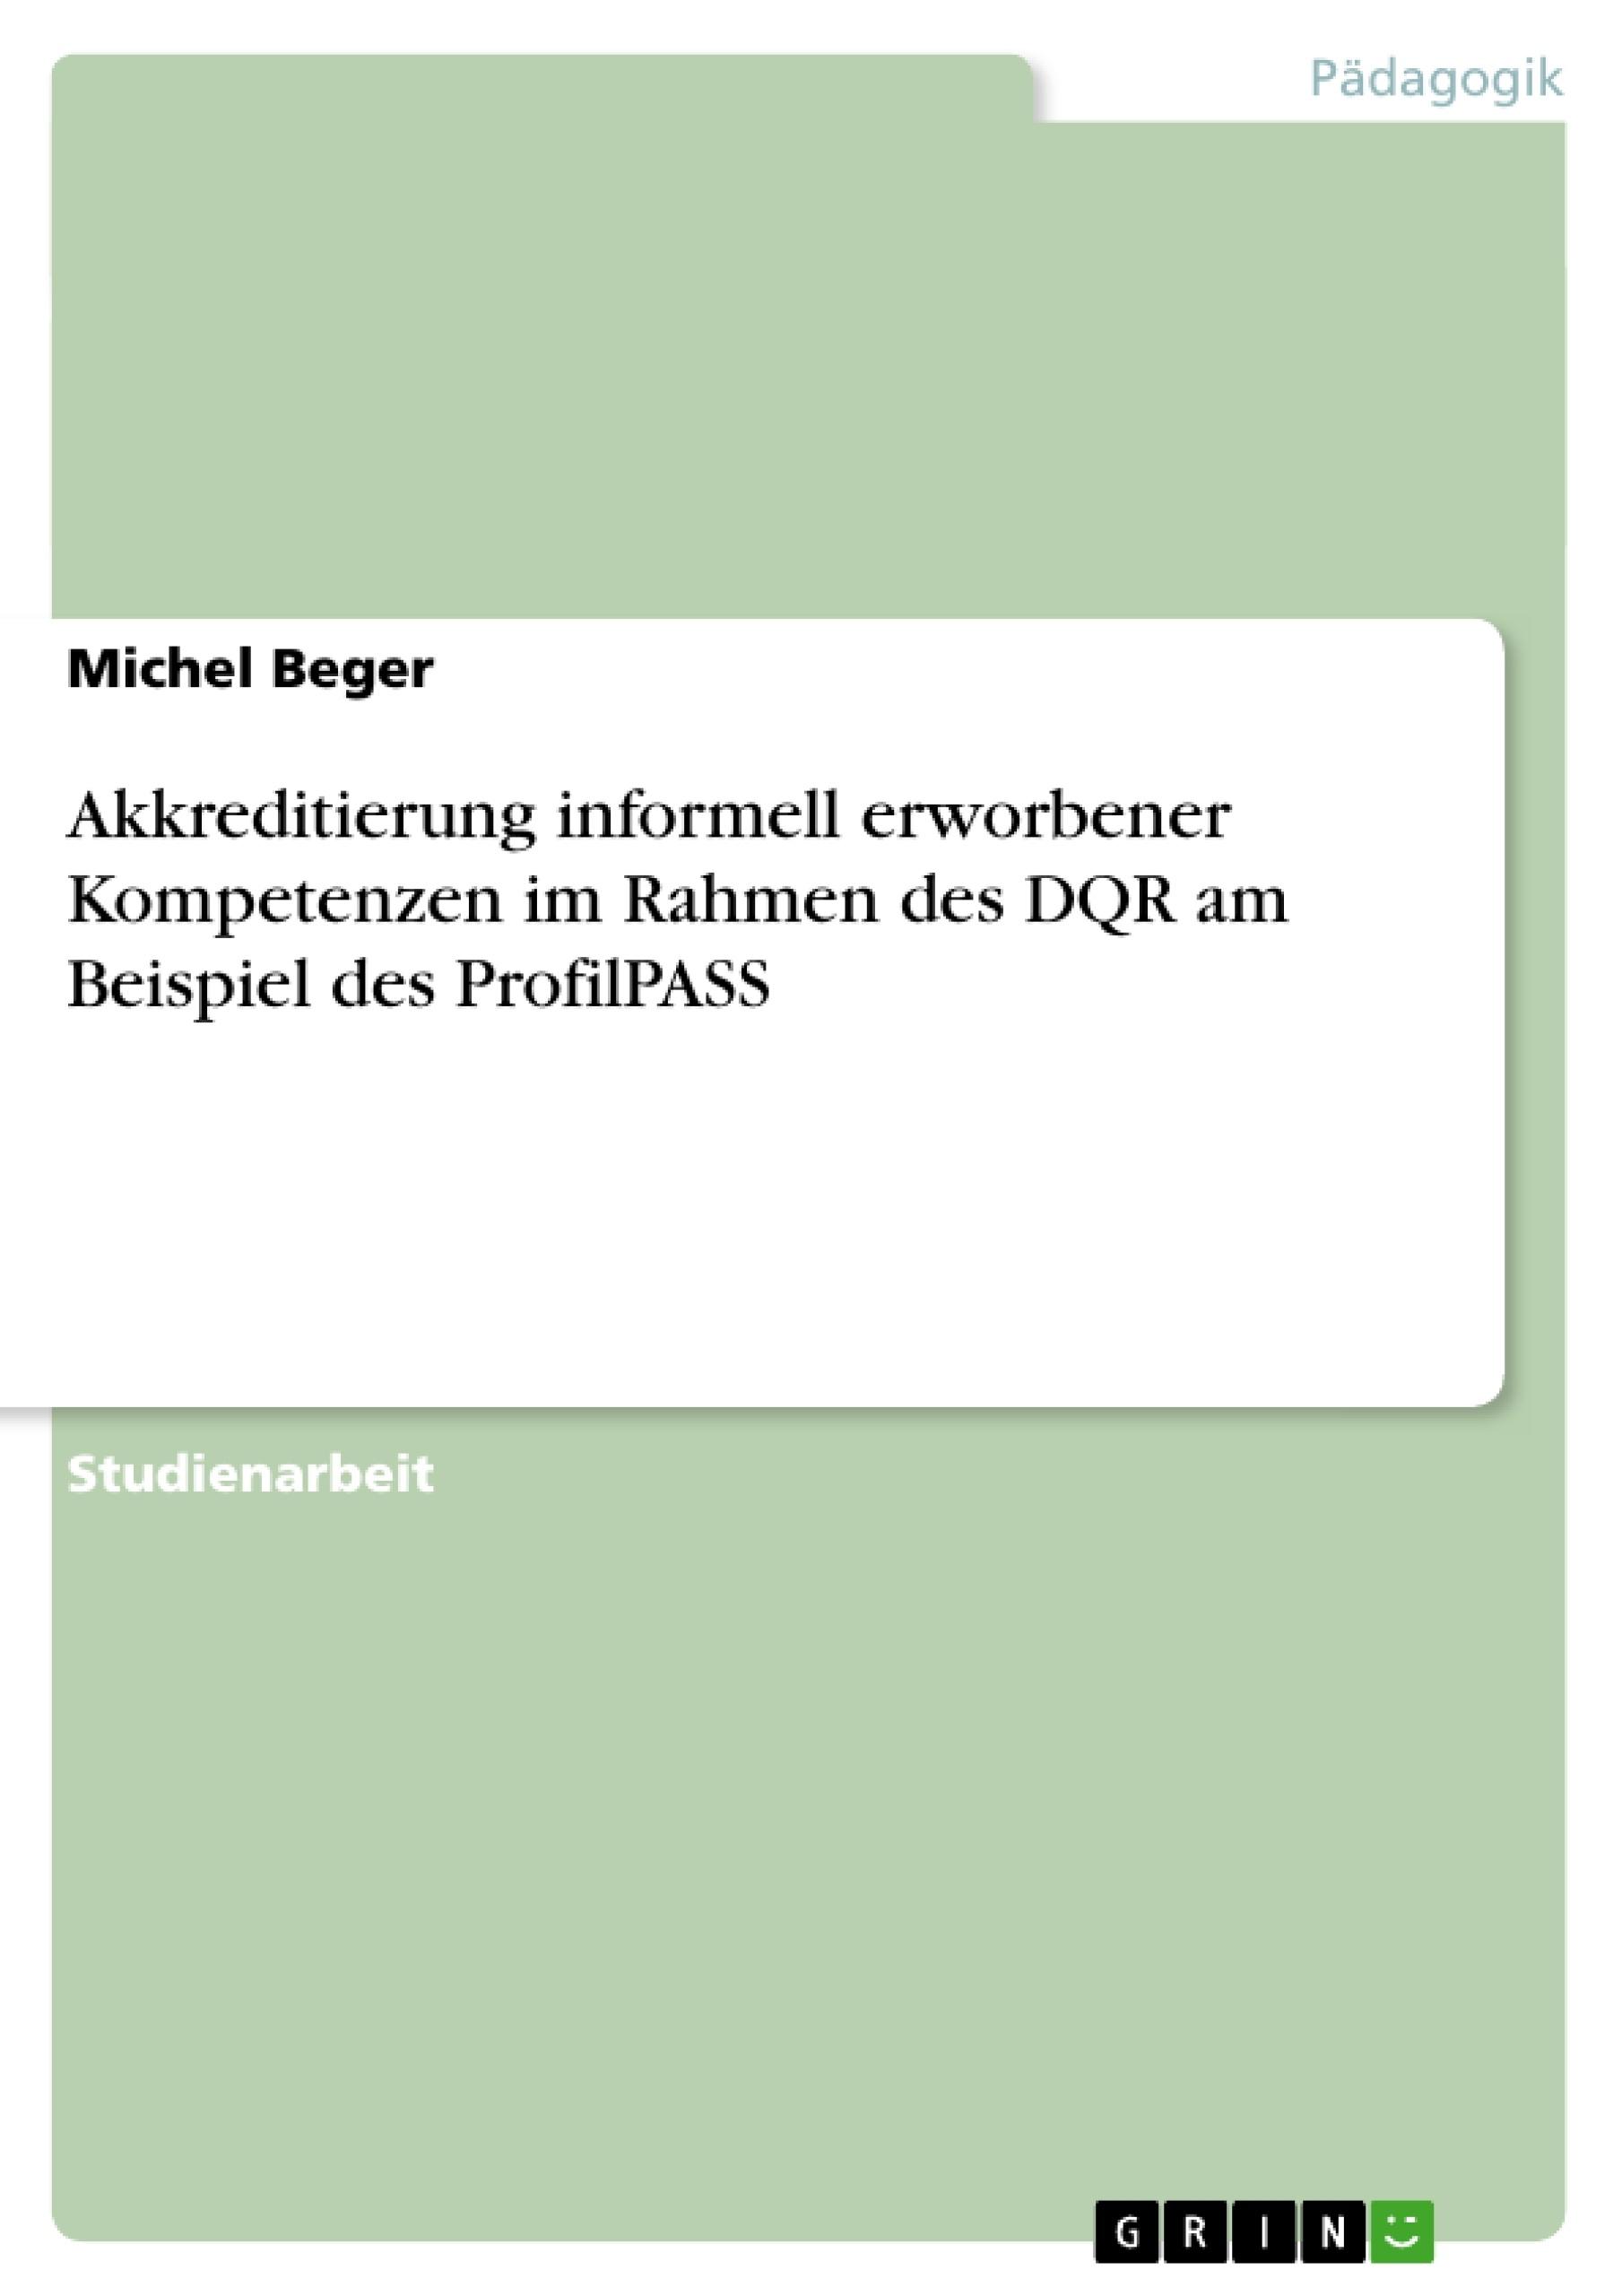 Titel: Akkreditierung informell erworbener Kompetenzen im Rahmen des DQR am Beispiel  des ProfilPASS